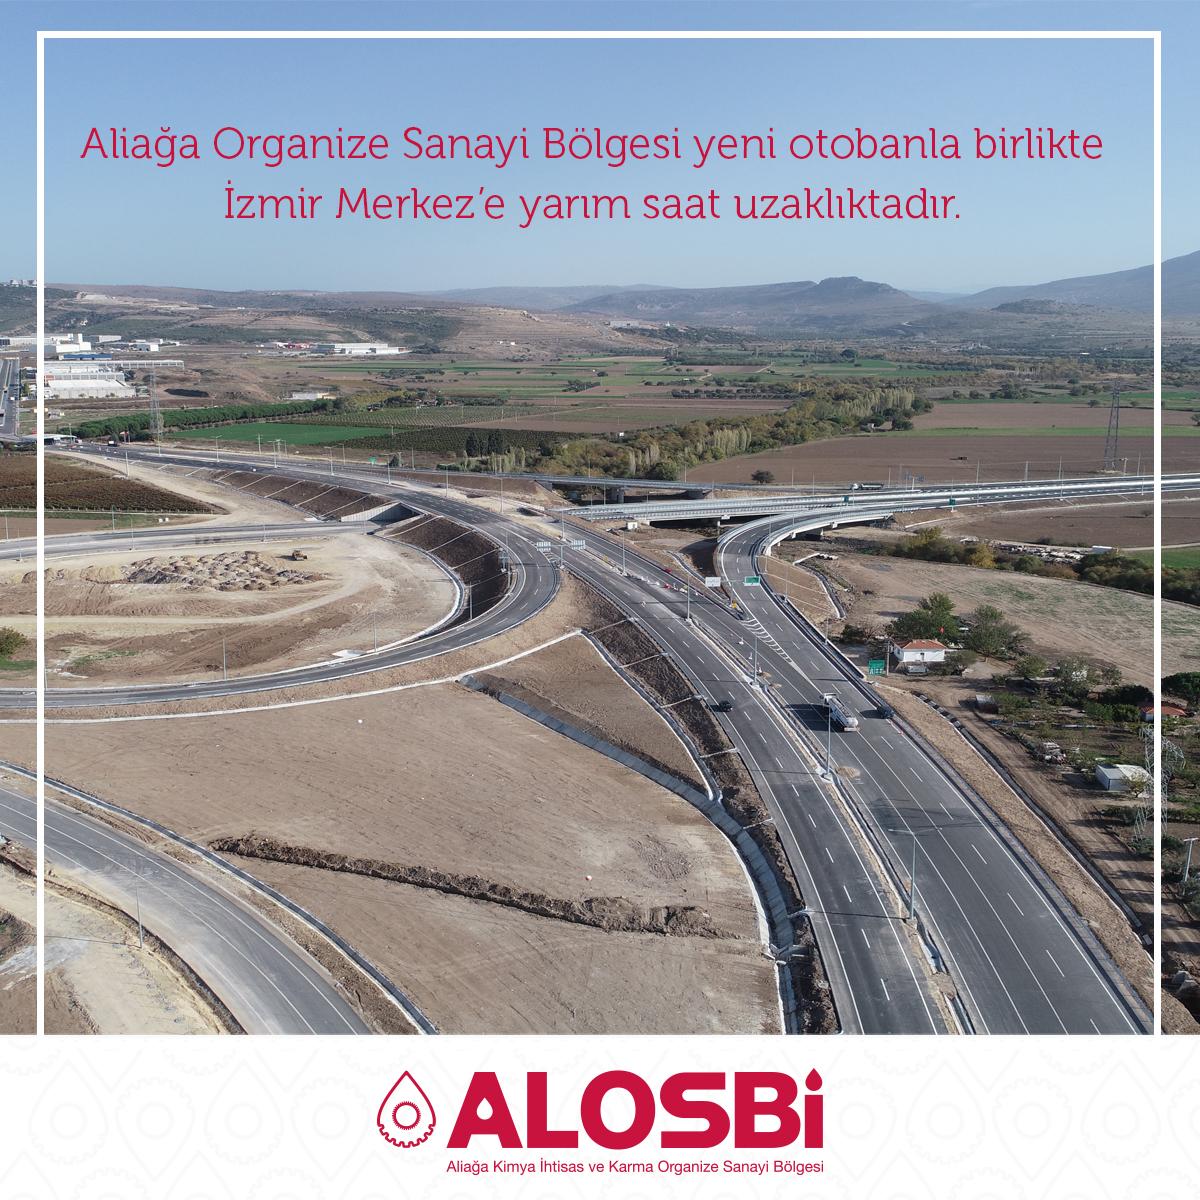 Aliağa Organize Sanayi Bölgesi Artık İzmir'e Daha da Yakın